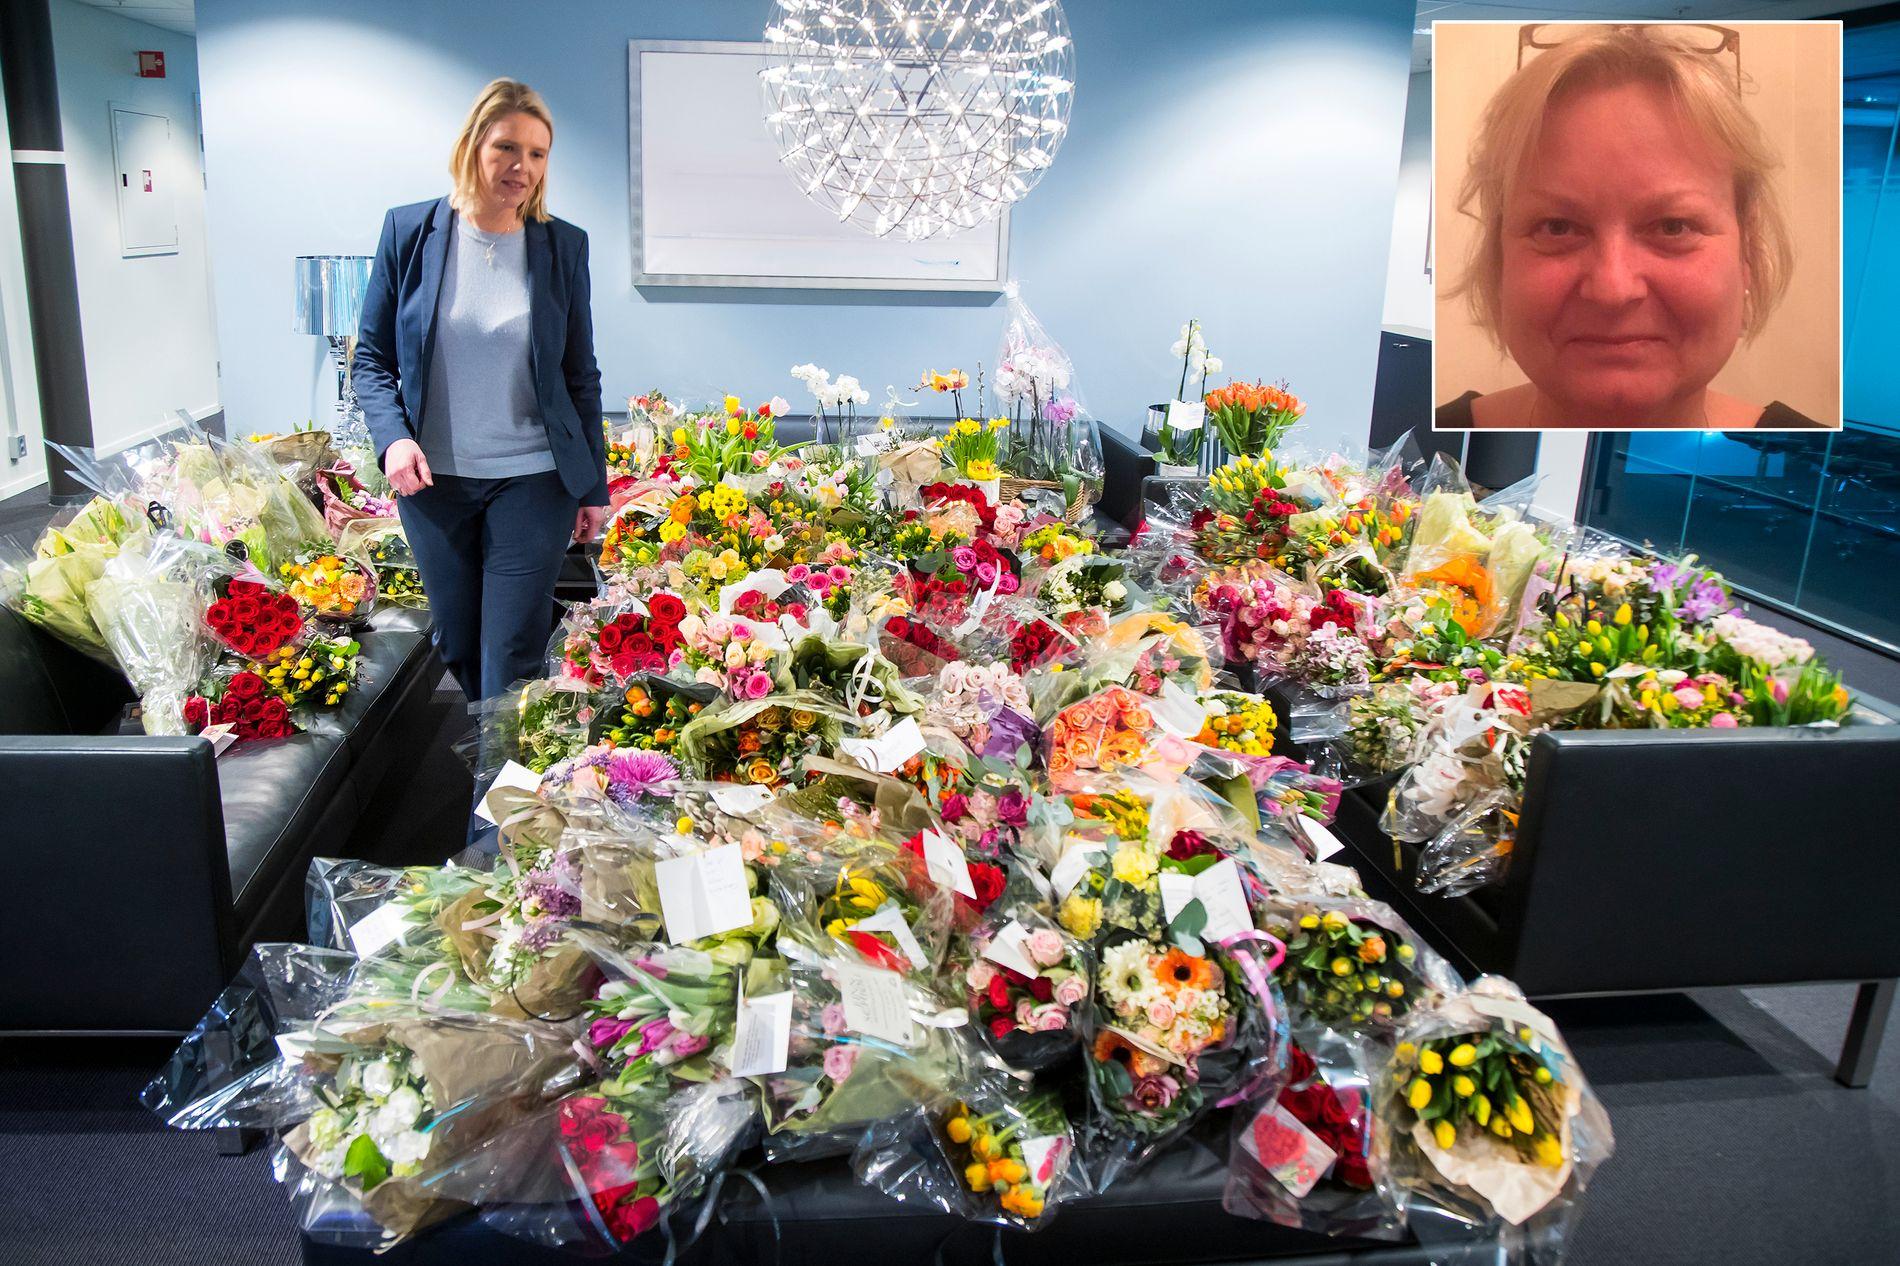 OPPFORDRET: Ruth Marie Vaagø oppfordret folk til å sende blomster til Sylvi Listhaug. Foto: Heiko Junge, NTB Scanpix/Privat